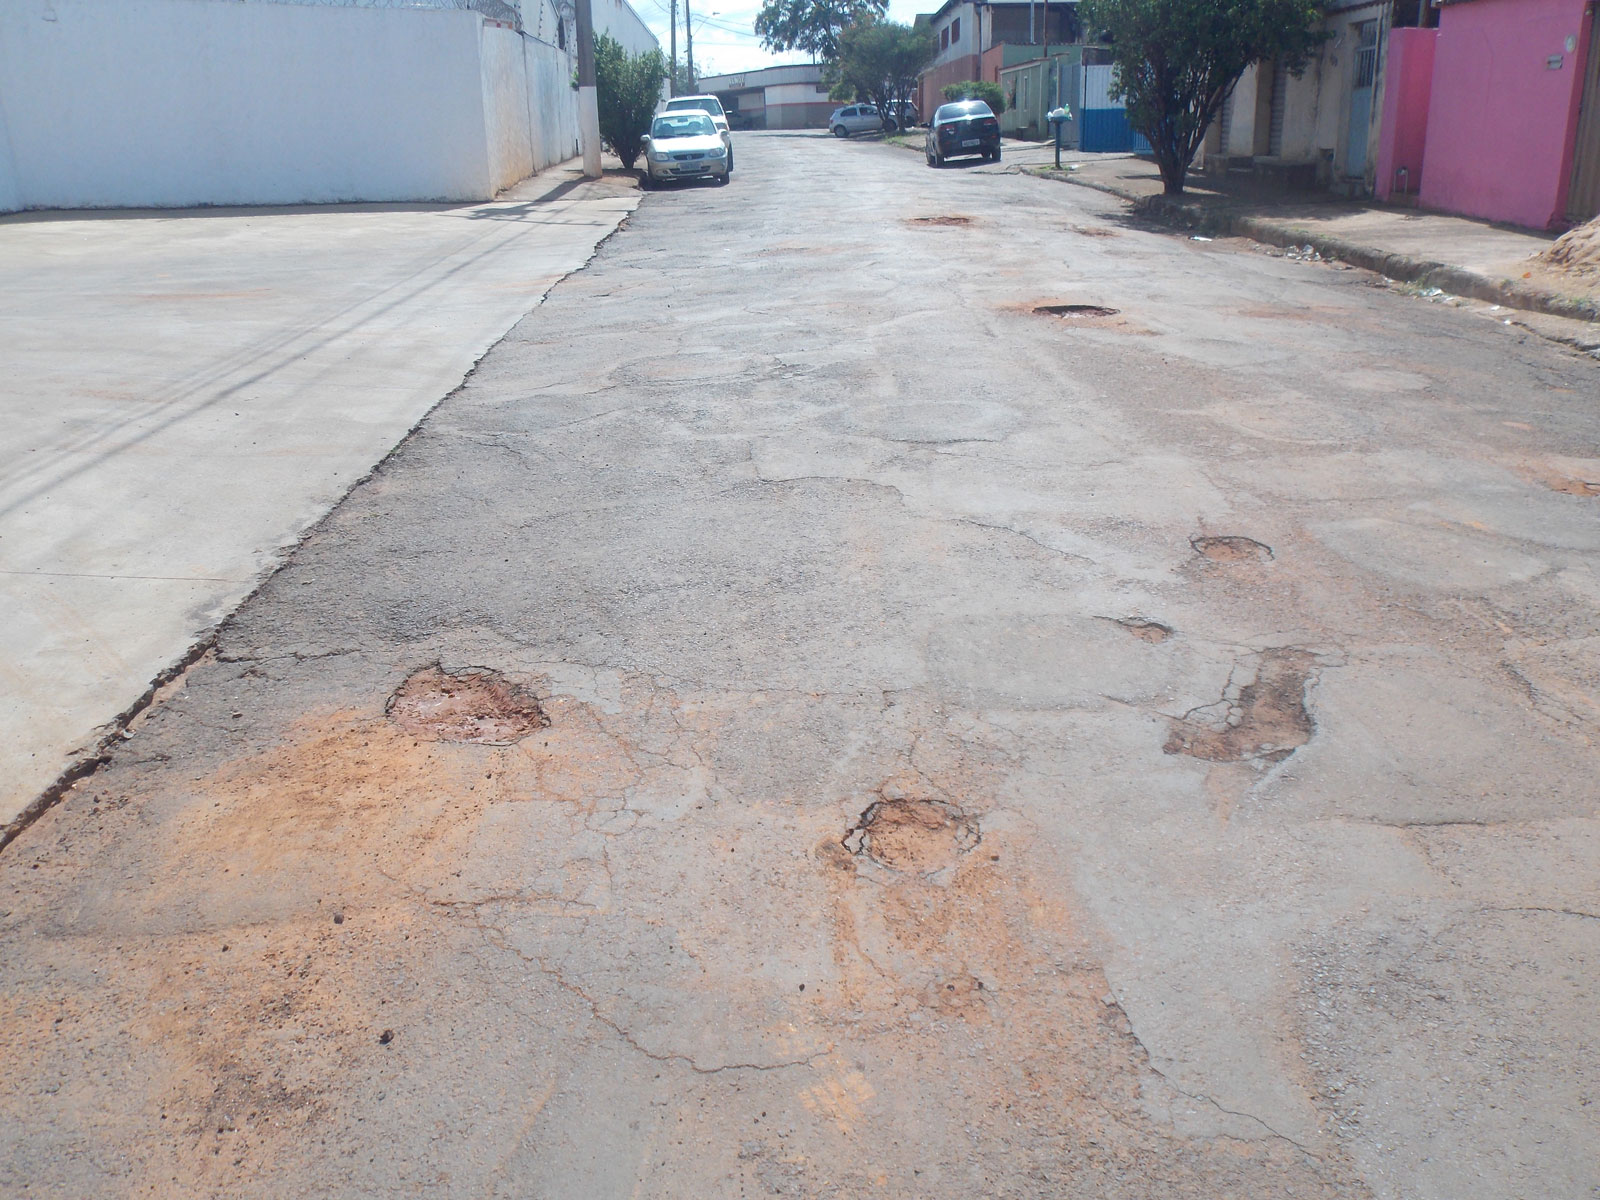 Buracos tomam conta das vias públicas de Araxá